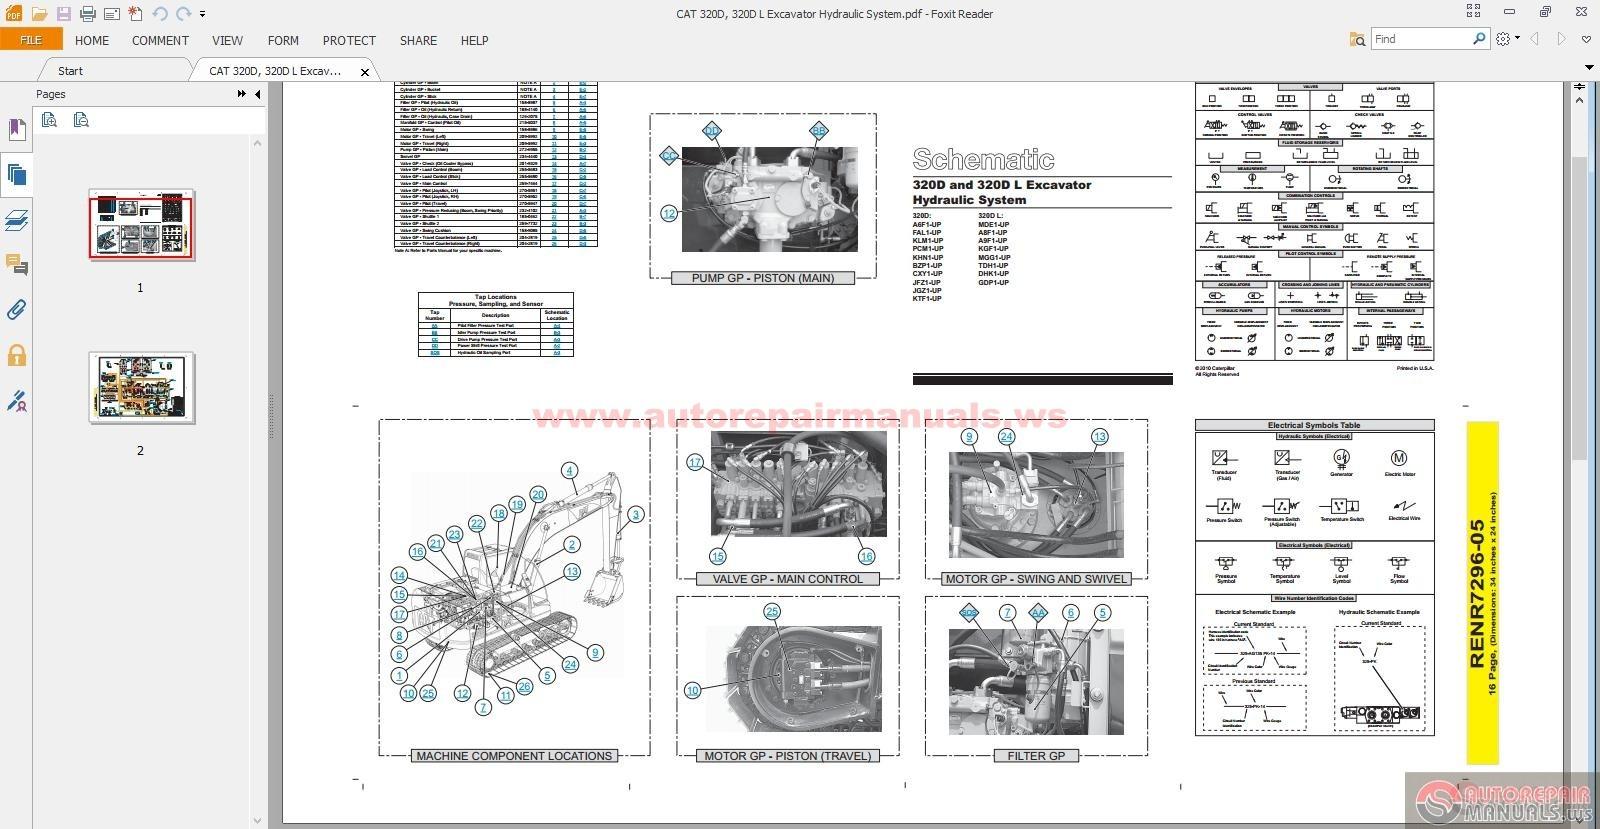 auto repair manuals cat 320d 320d l excavator hydraulic system rh autorepairmanuls blogspot com Long Reach Excavator Cat 320 Cat 320 Excavator Lifting Capacity